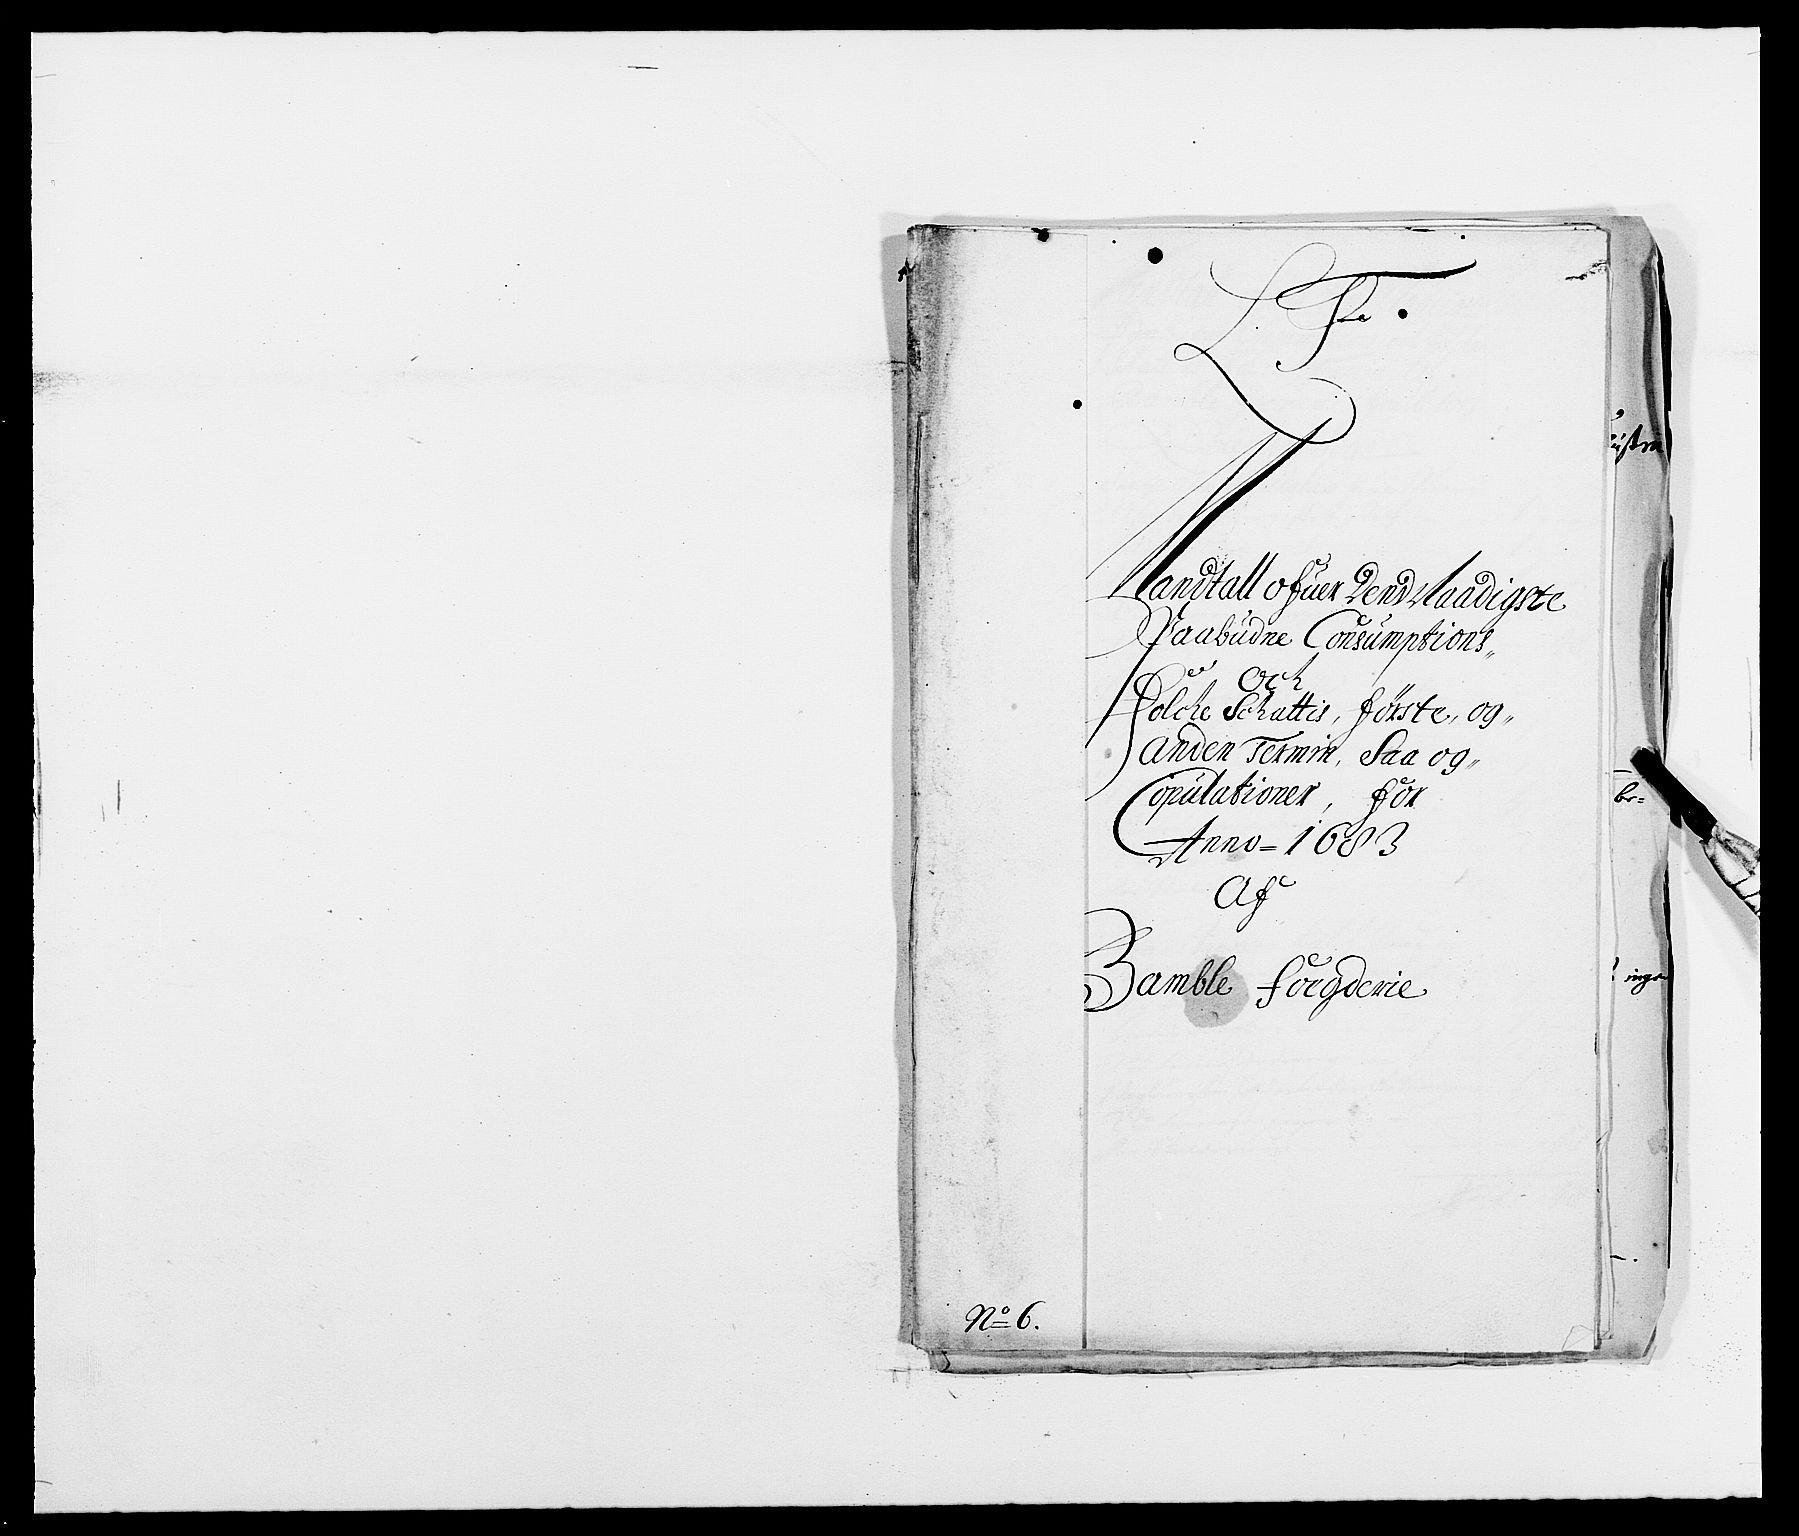 RA, Rentekammeret inntil 1814, Reviderte regnskaper, Fogderegnskap, R34/L2046: Fogderegnskap Bamble, 1682-1683, s. 341